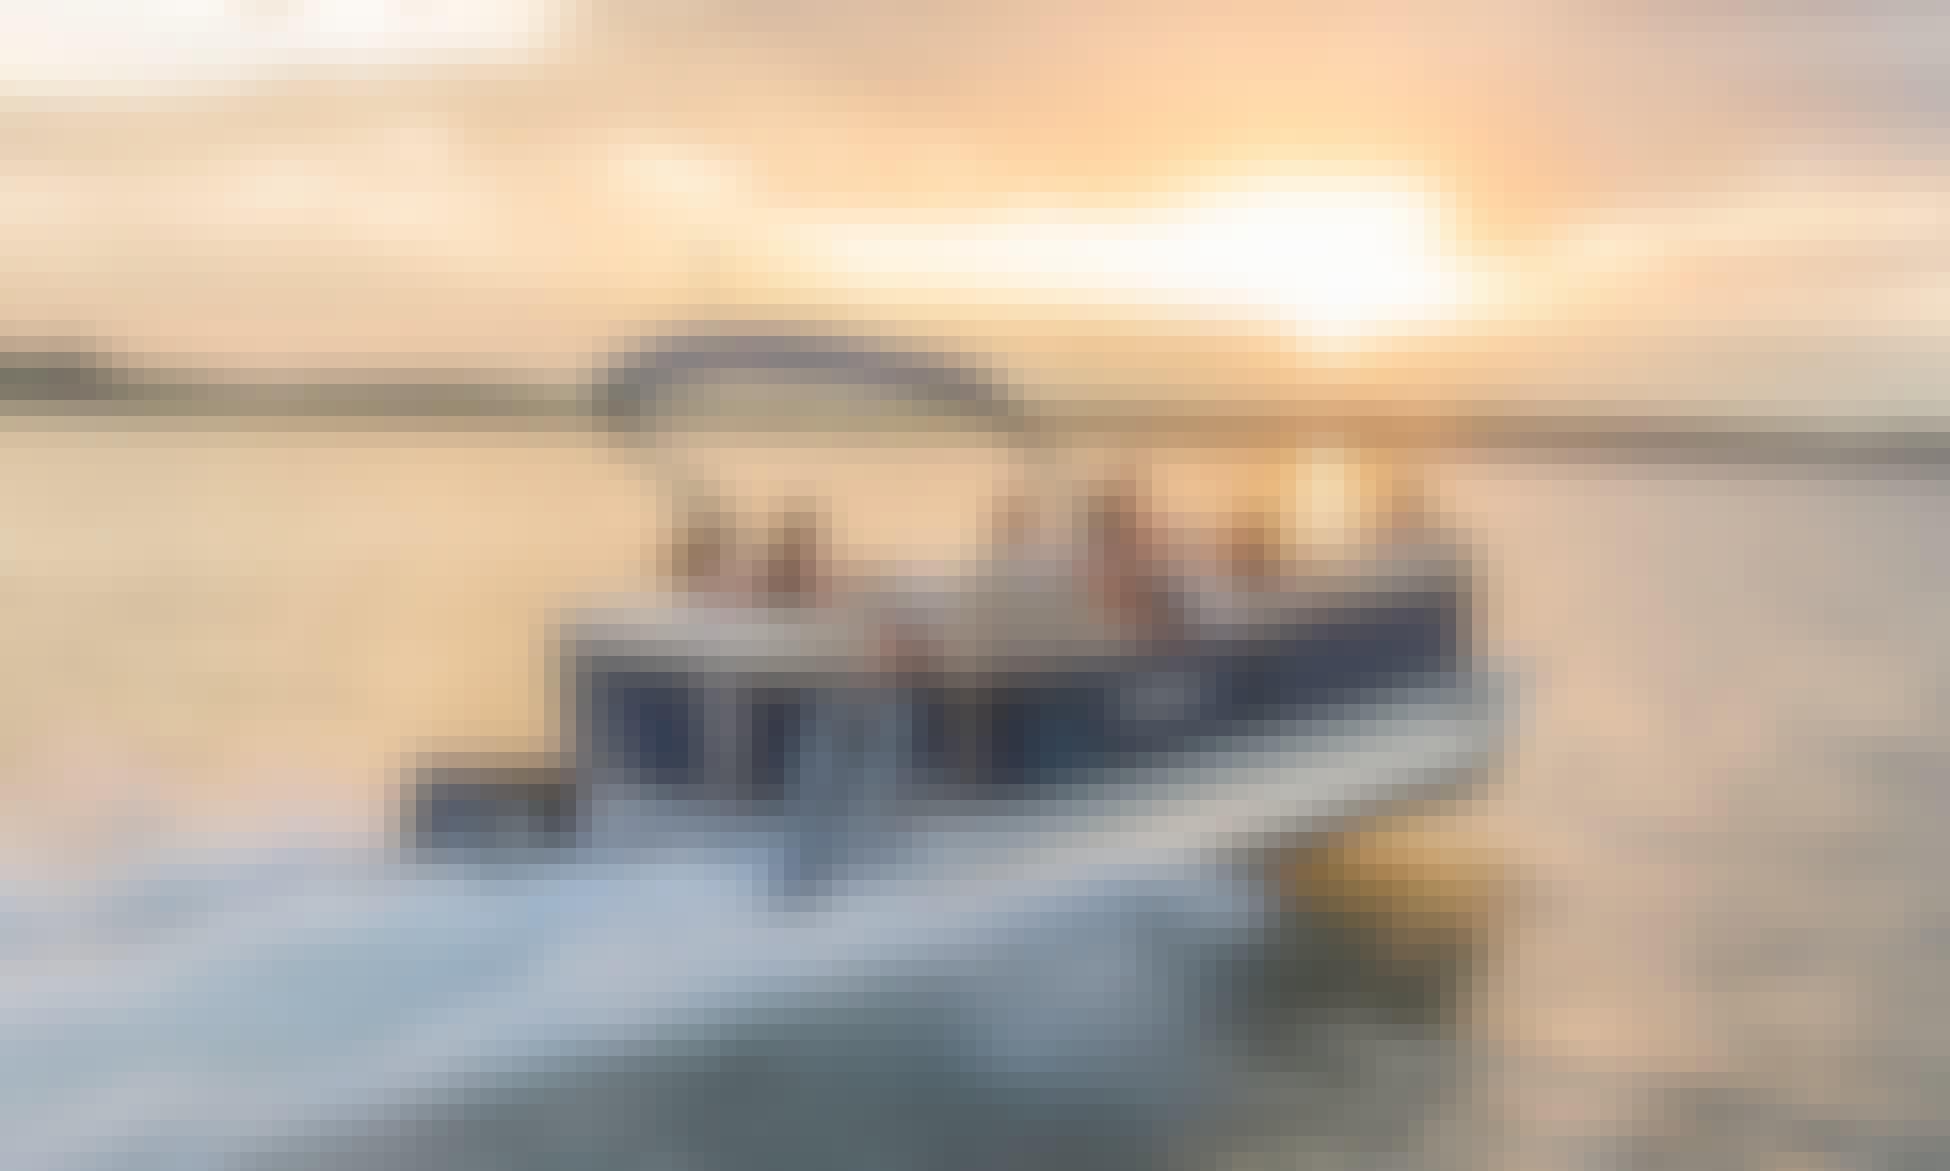 22' Sylvan Lounger Pontoon Boat Rental in Tampa Bay, Florida